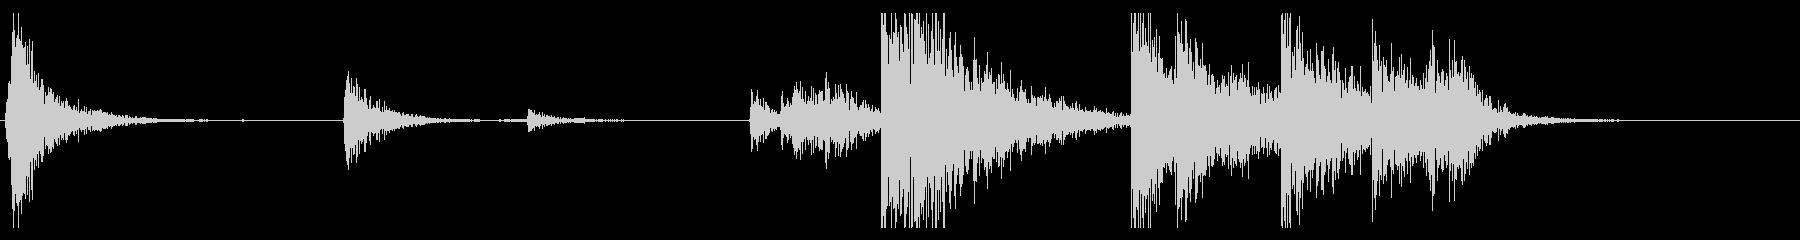 【生録音】ブリキのバケツの音 学校 8の未再生の波形